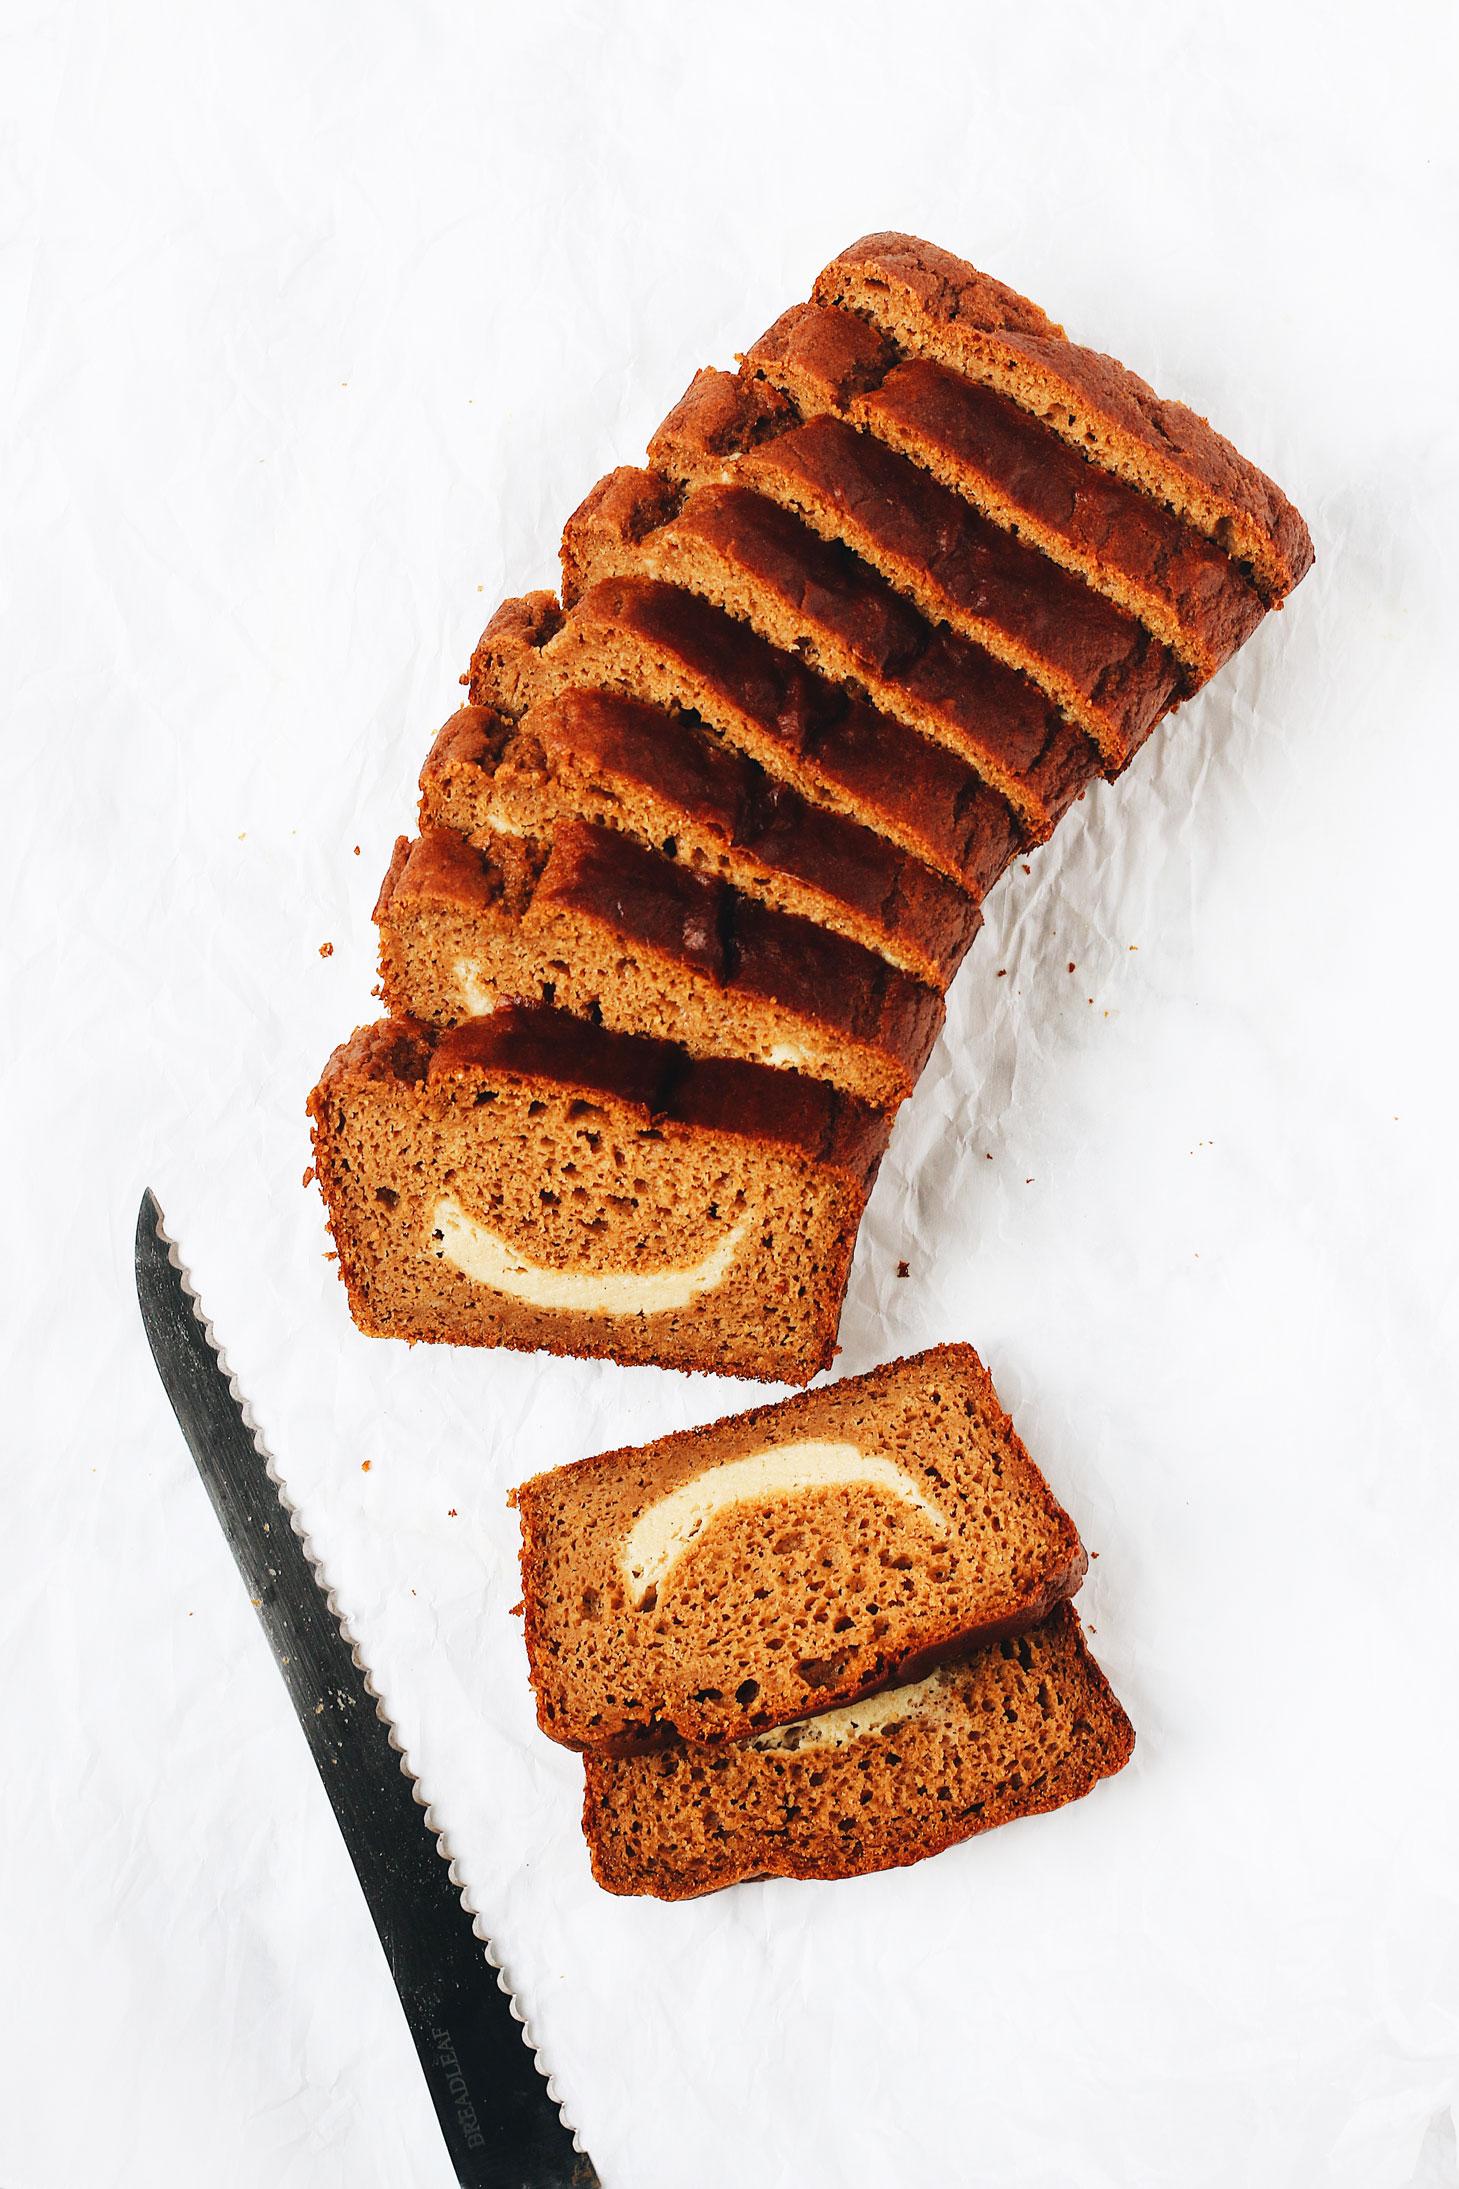 Pumpkin-Spice-Bread-with-Cream-Cheese-Swirl-slice